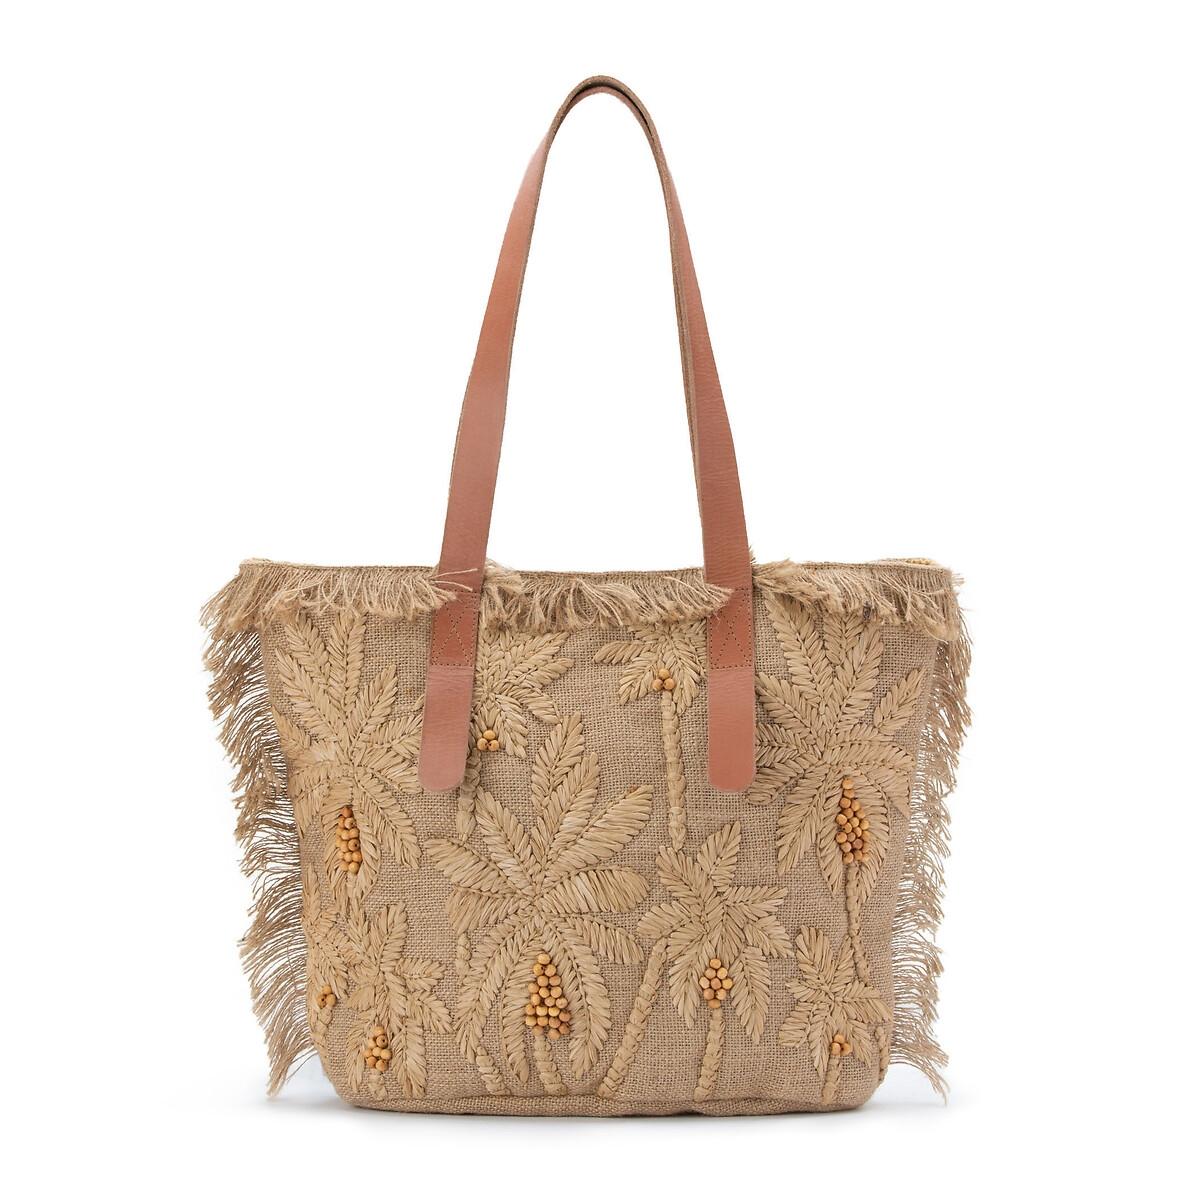 цена на Сумка-шоппер La Redoute С вышивкой из рафии и бисера BARRY MEDIUM BAG единый размер бежевый